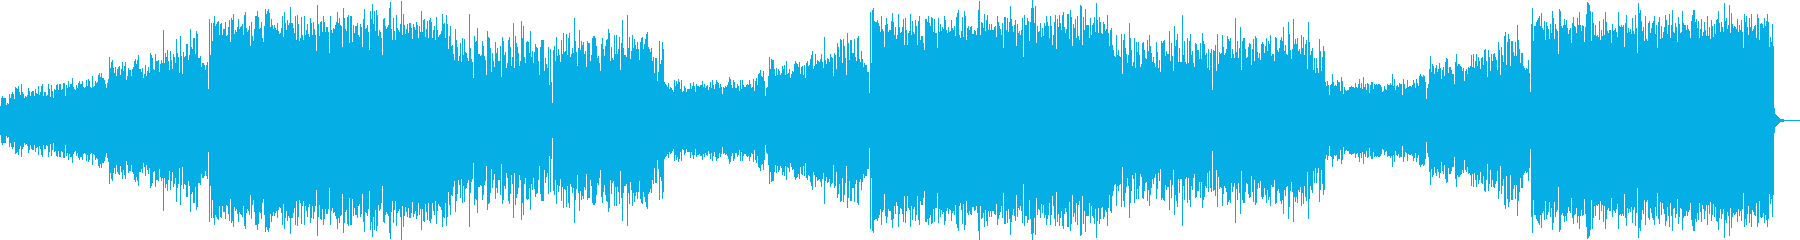 激しいエキサイティング入場バトルEDMの再生済みの波形